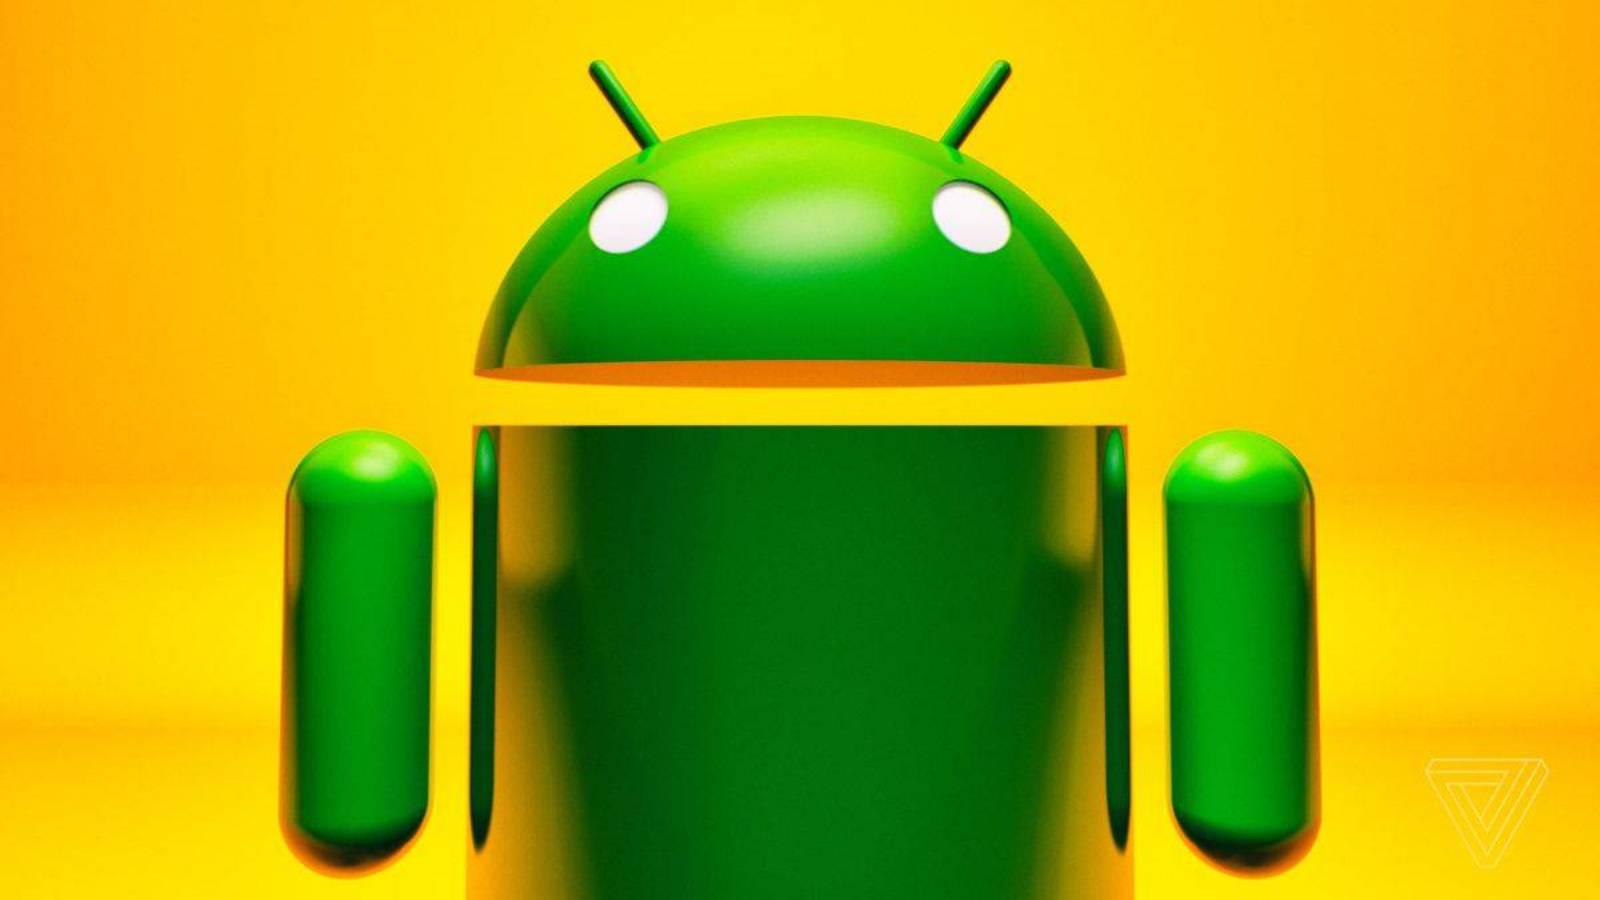 Android consum